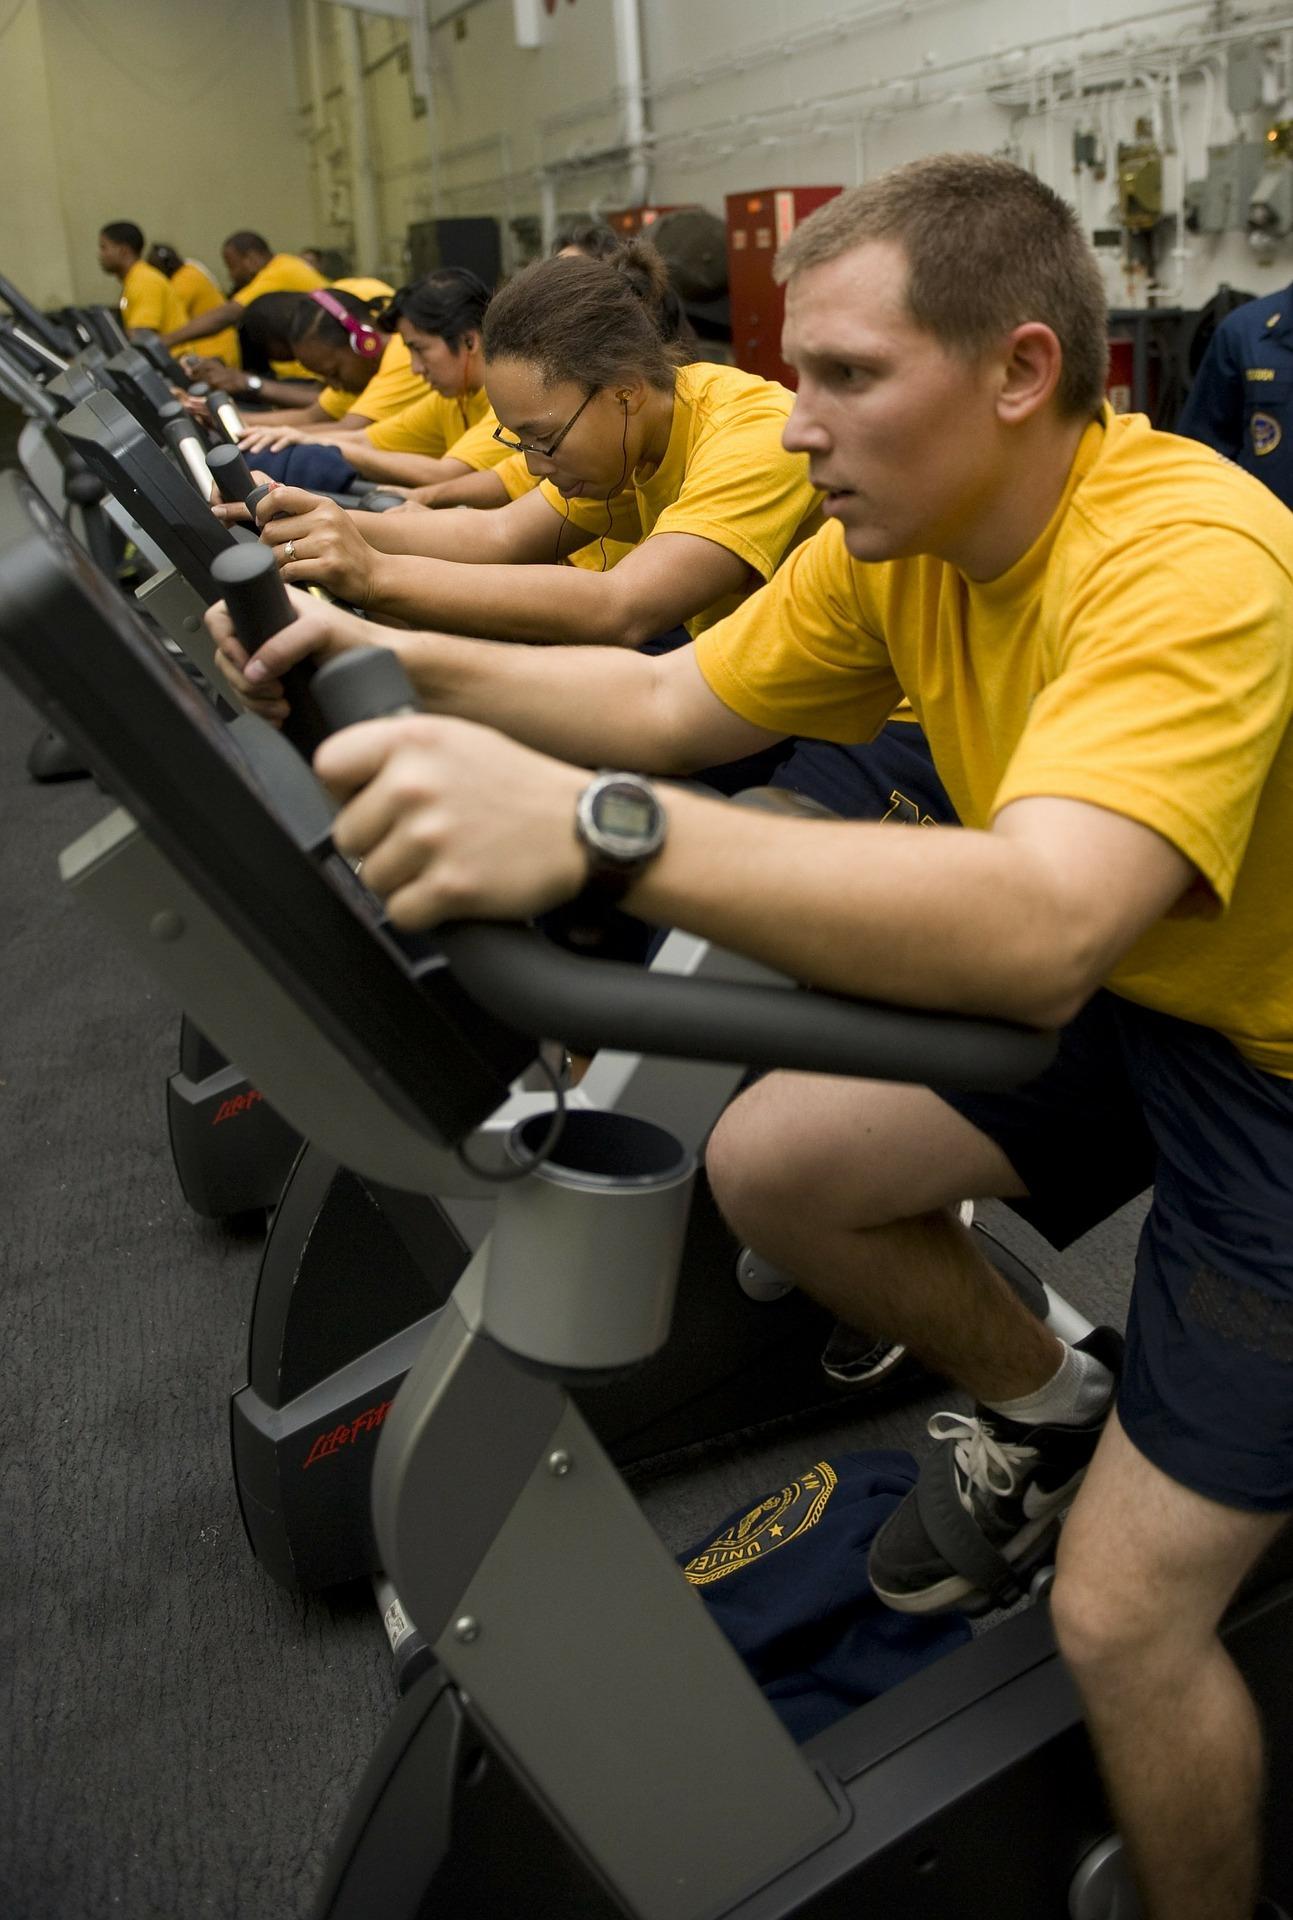 Millennials enjoy group fitness